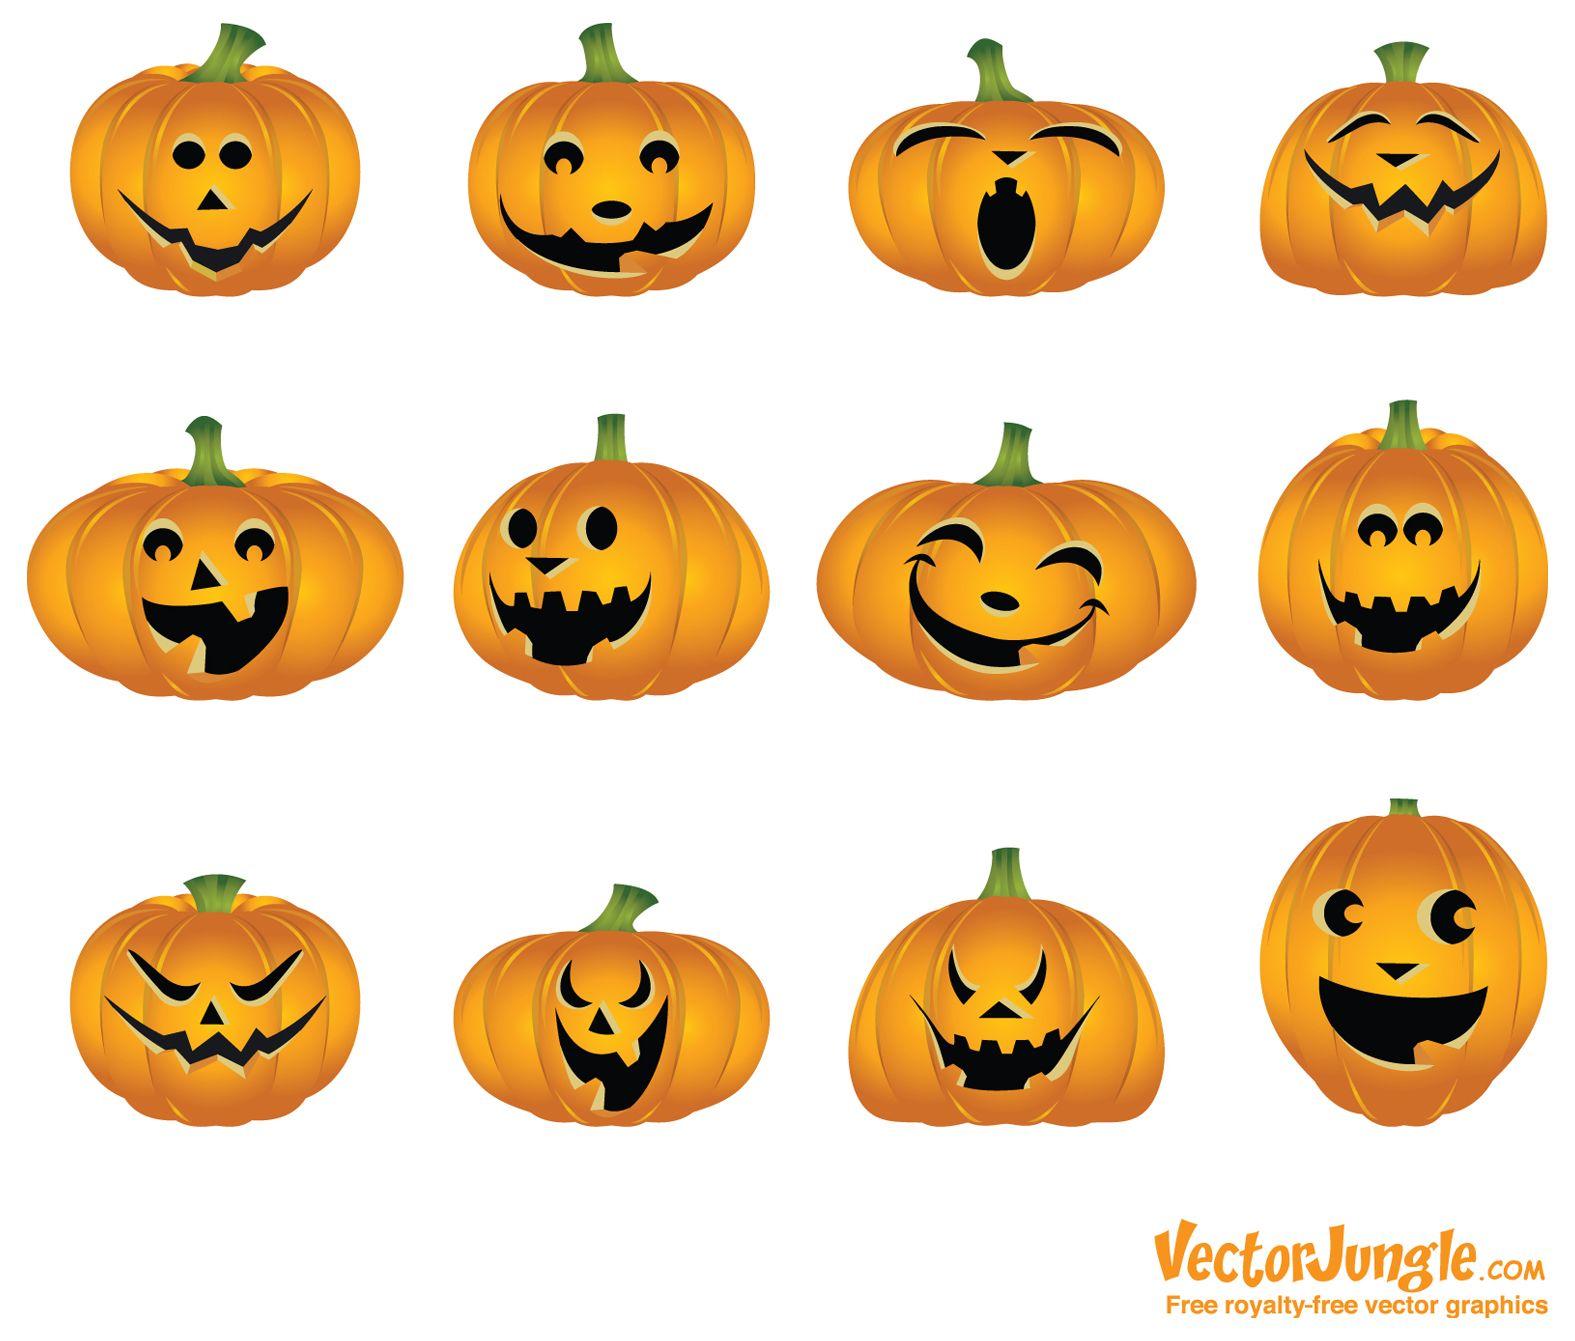 Funny Pumpkin Faces Art Crafthubs